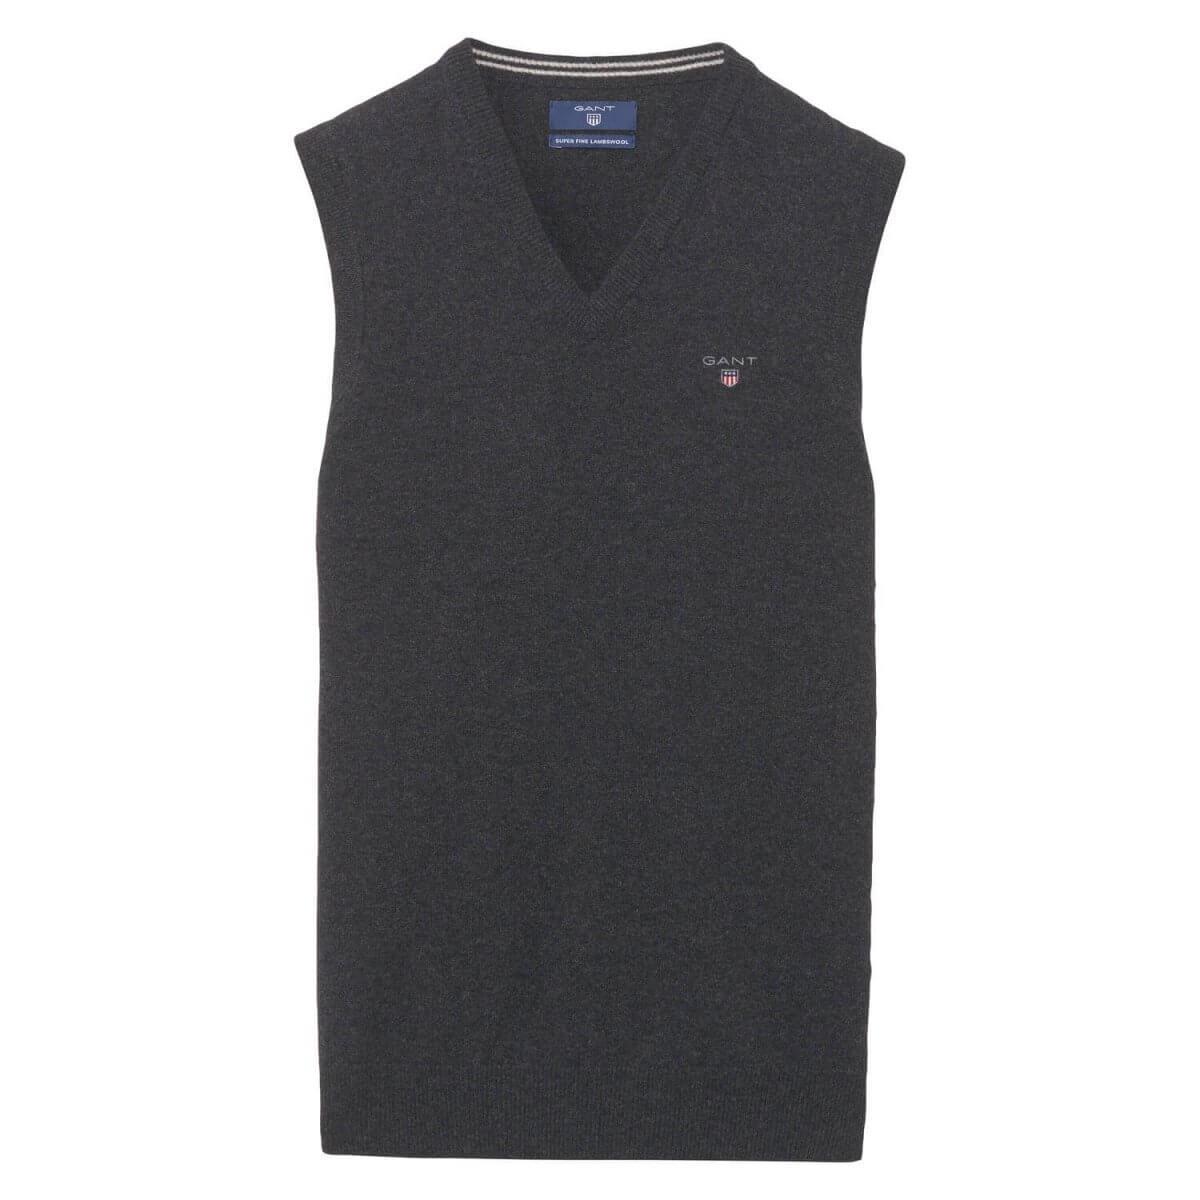 Gant Vest Sweater | Davids Of Haslemere